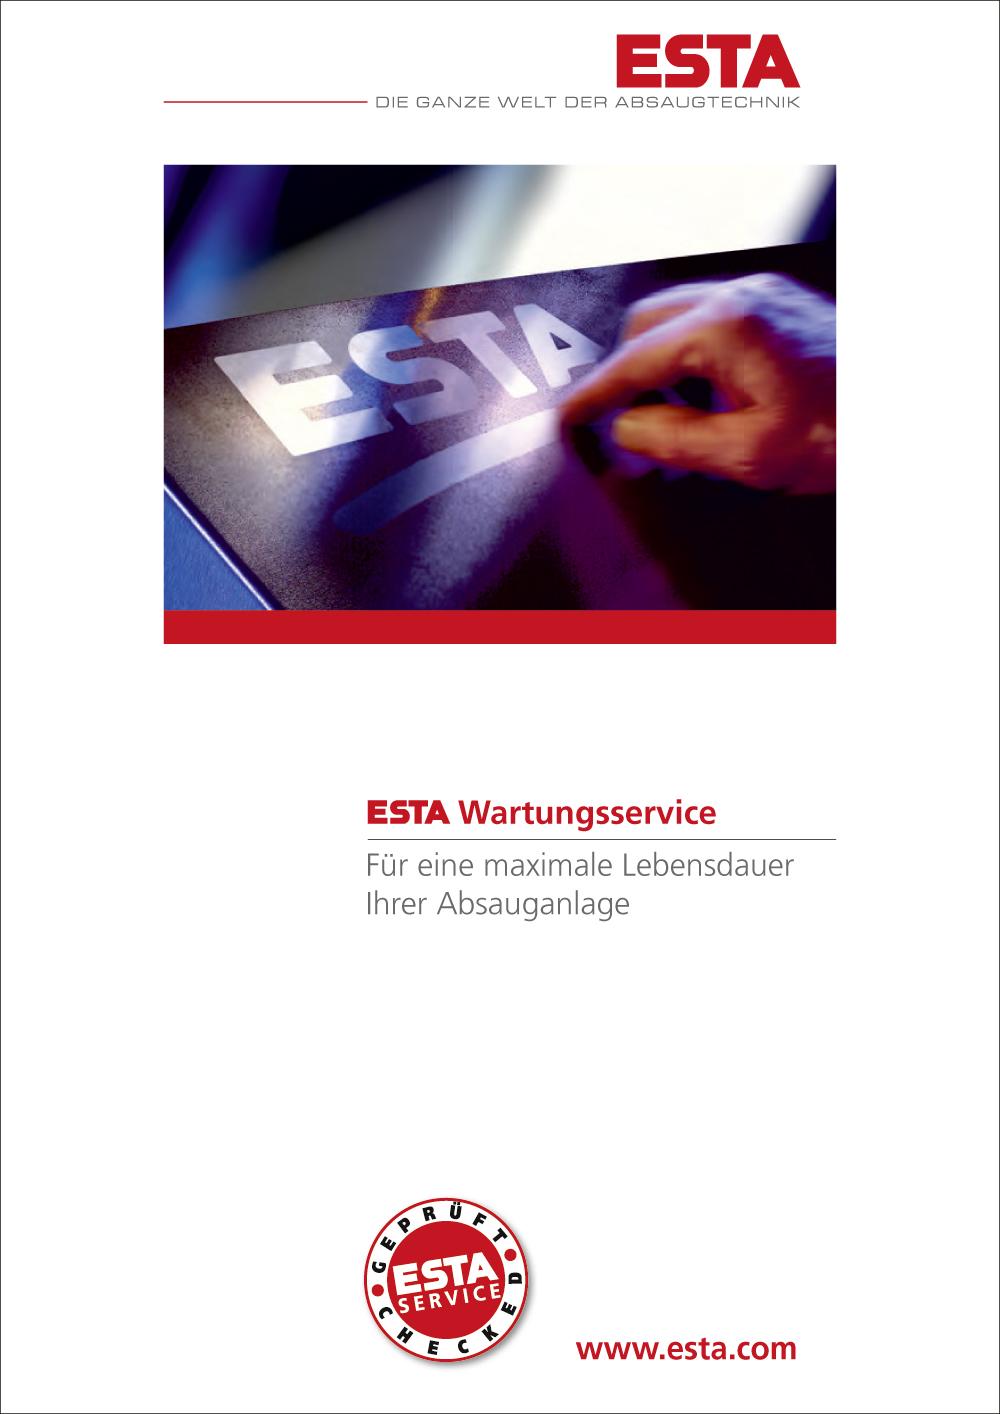 Das Wartungsservice Prospekt von ESTA.